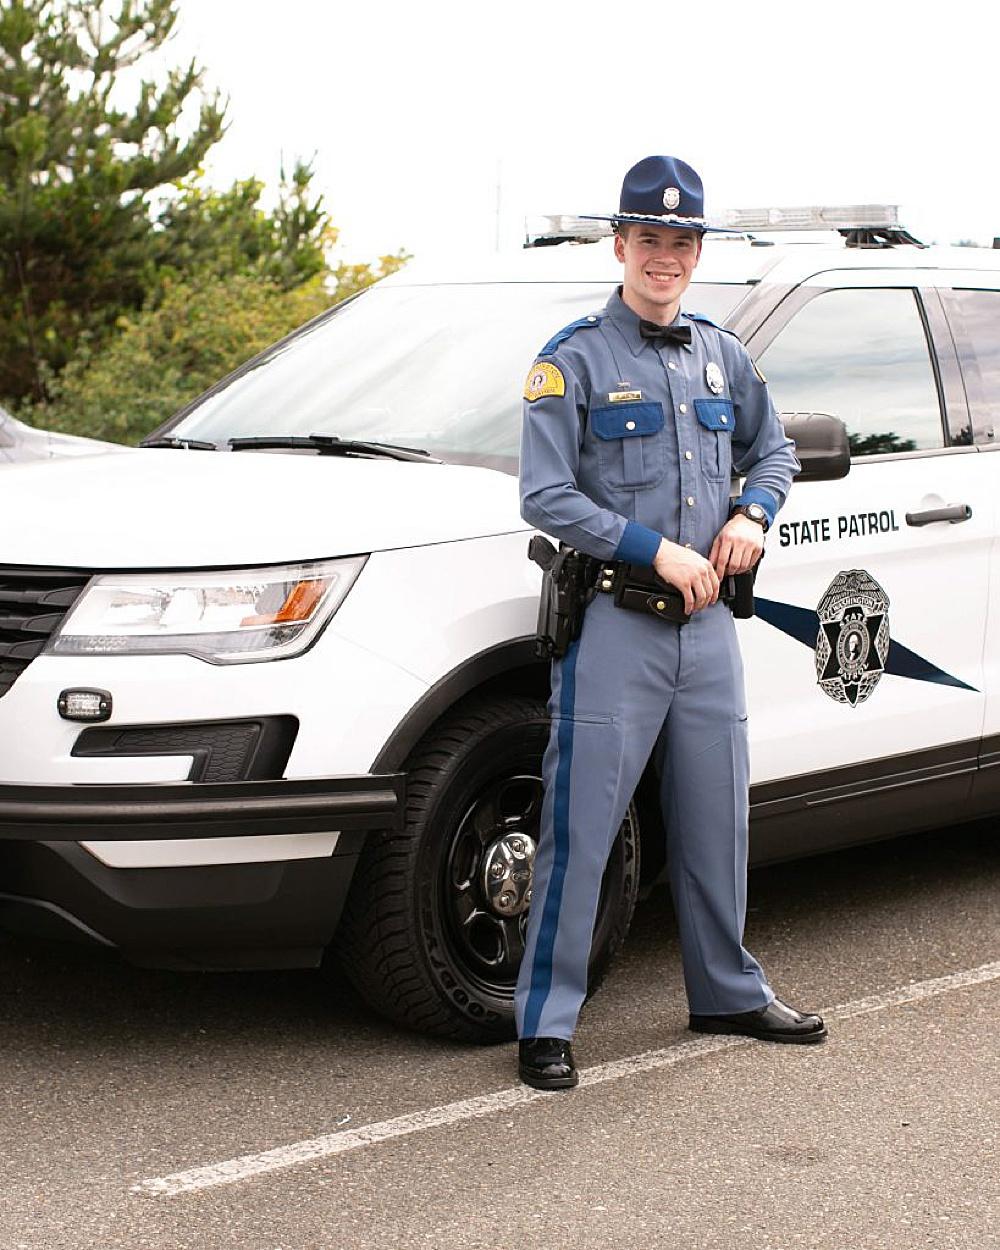 Washington State Trooper Judah